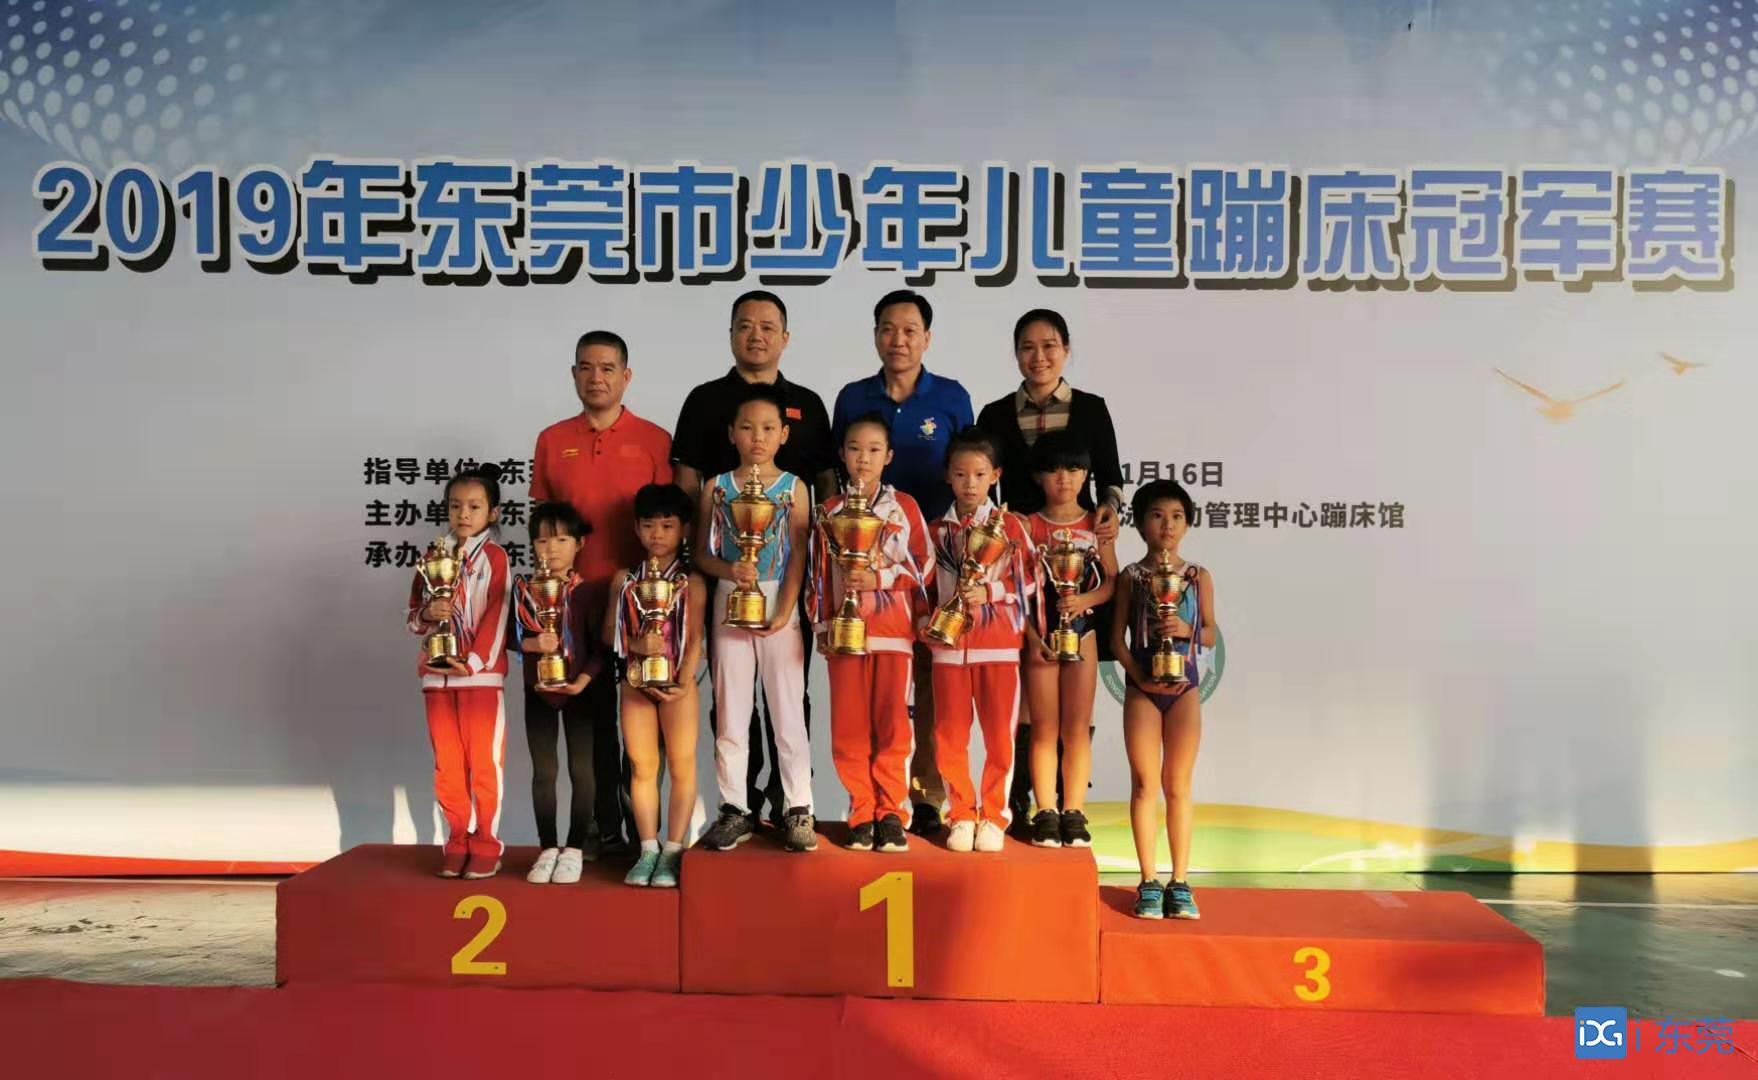 2019年东莞市少年儿童蹦床冠军赛落幕,近200名蹦床新秀同台比拼